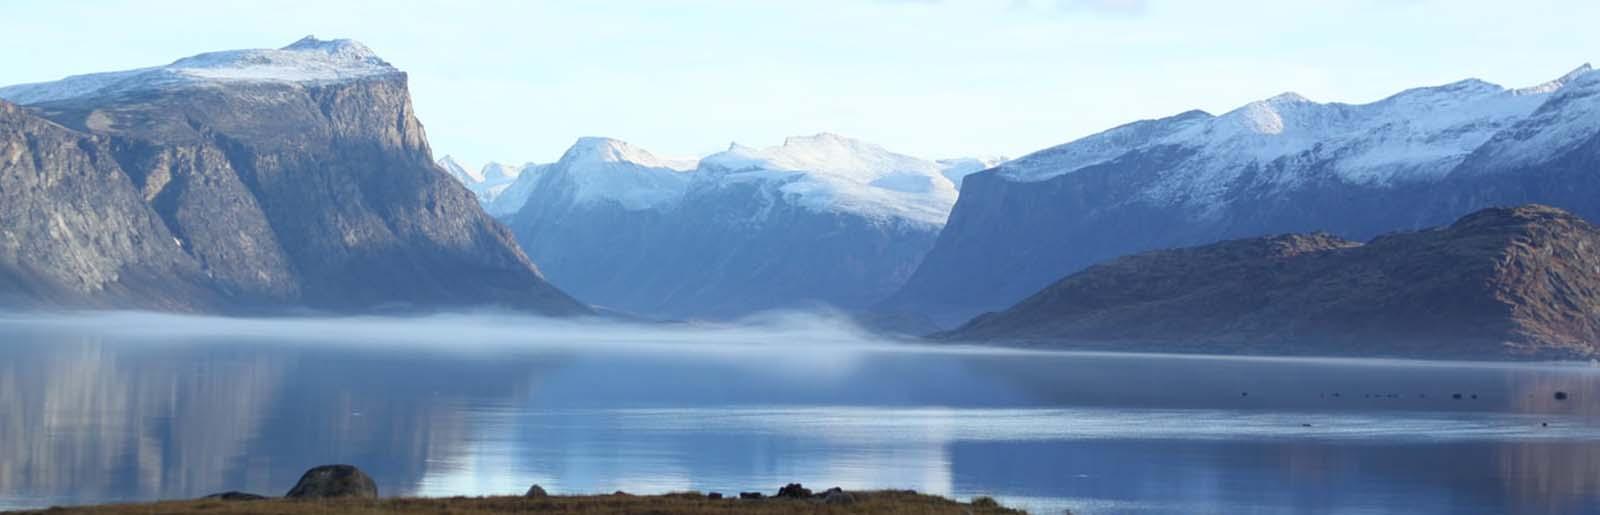 Nunavut-Pangnirtung Fijord (Isaac Demeestger) sliver